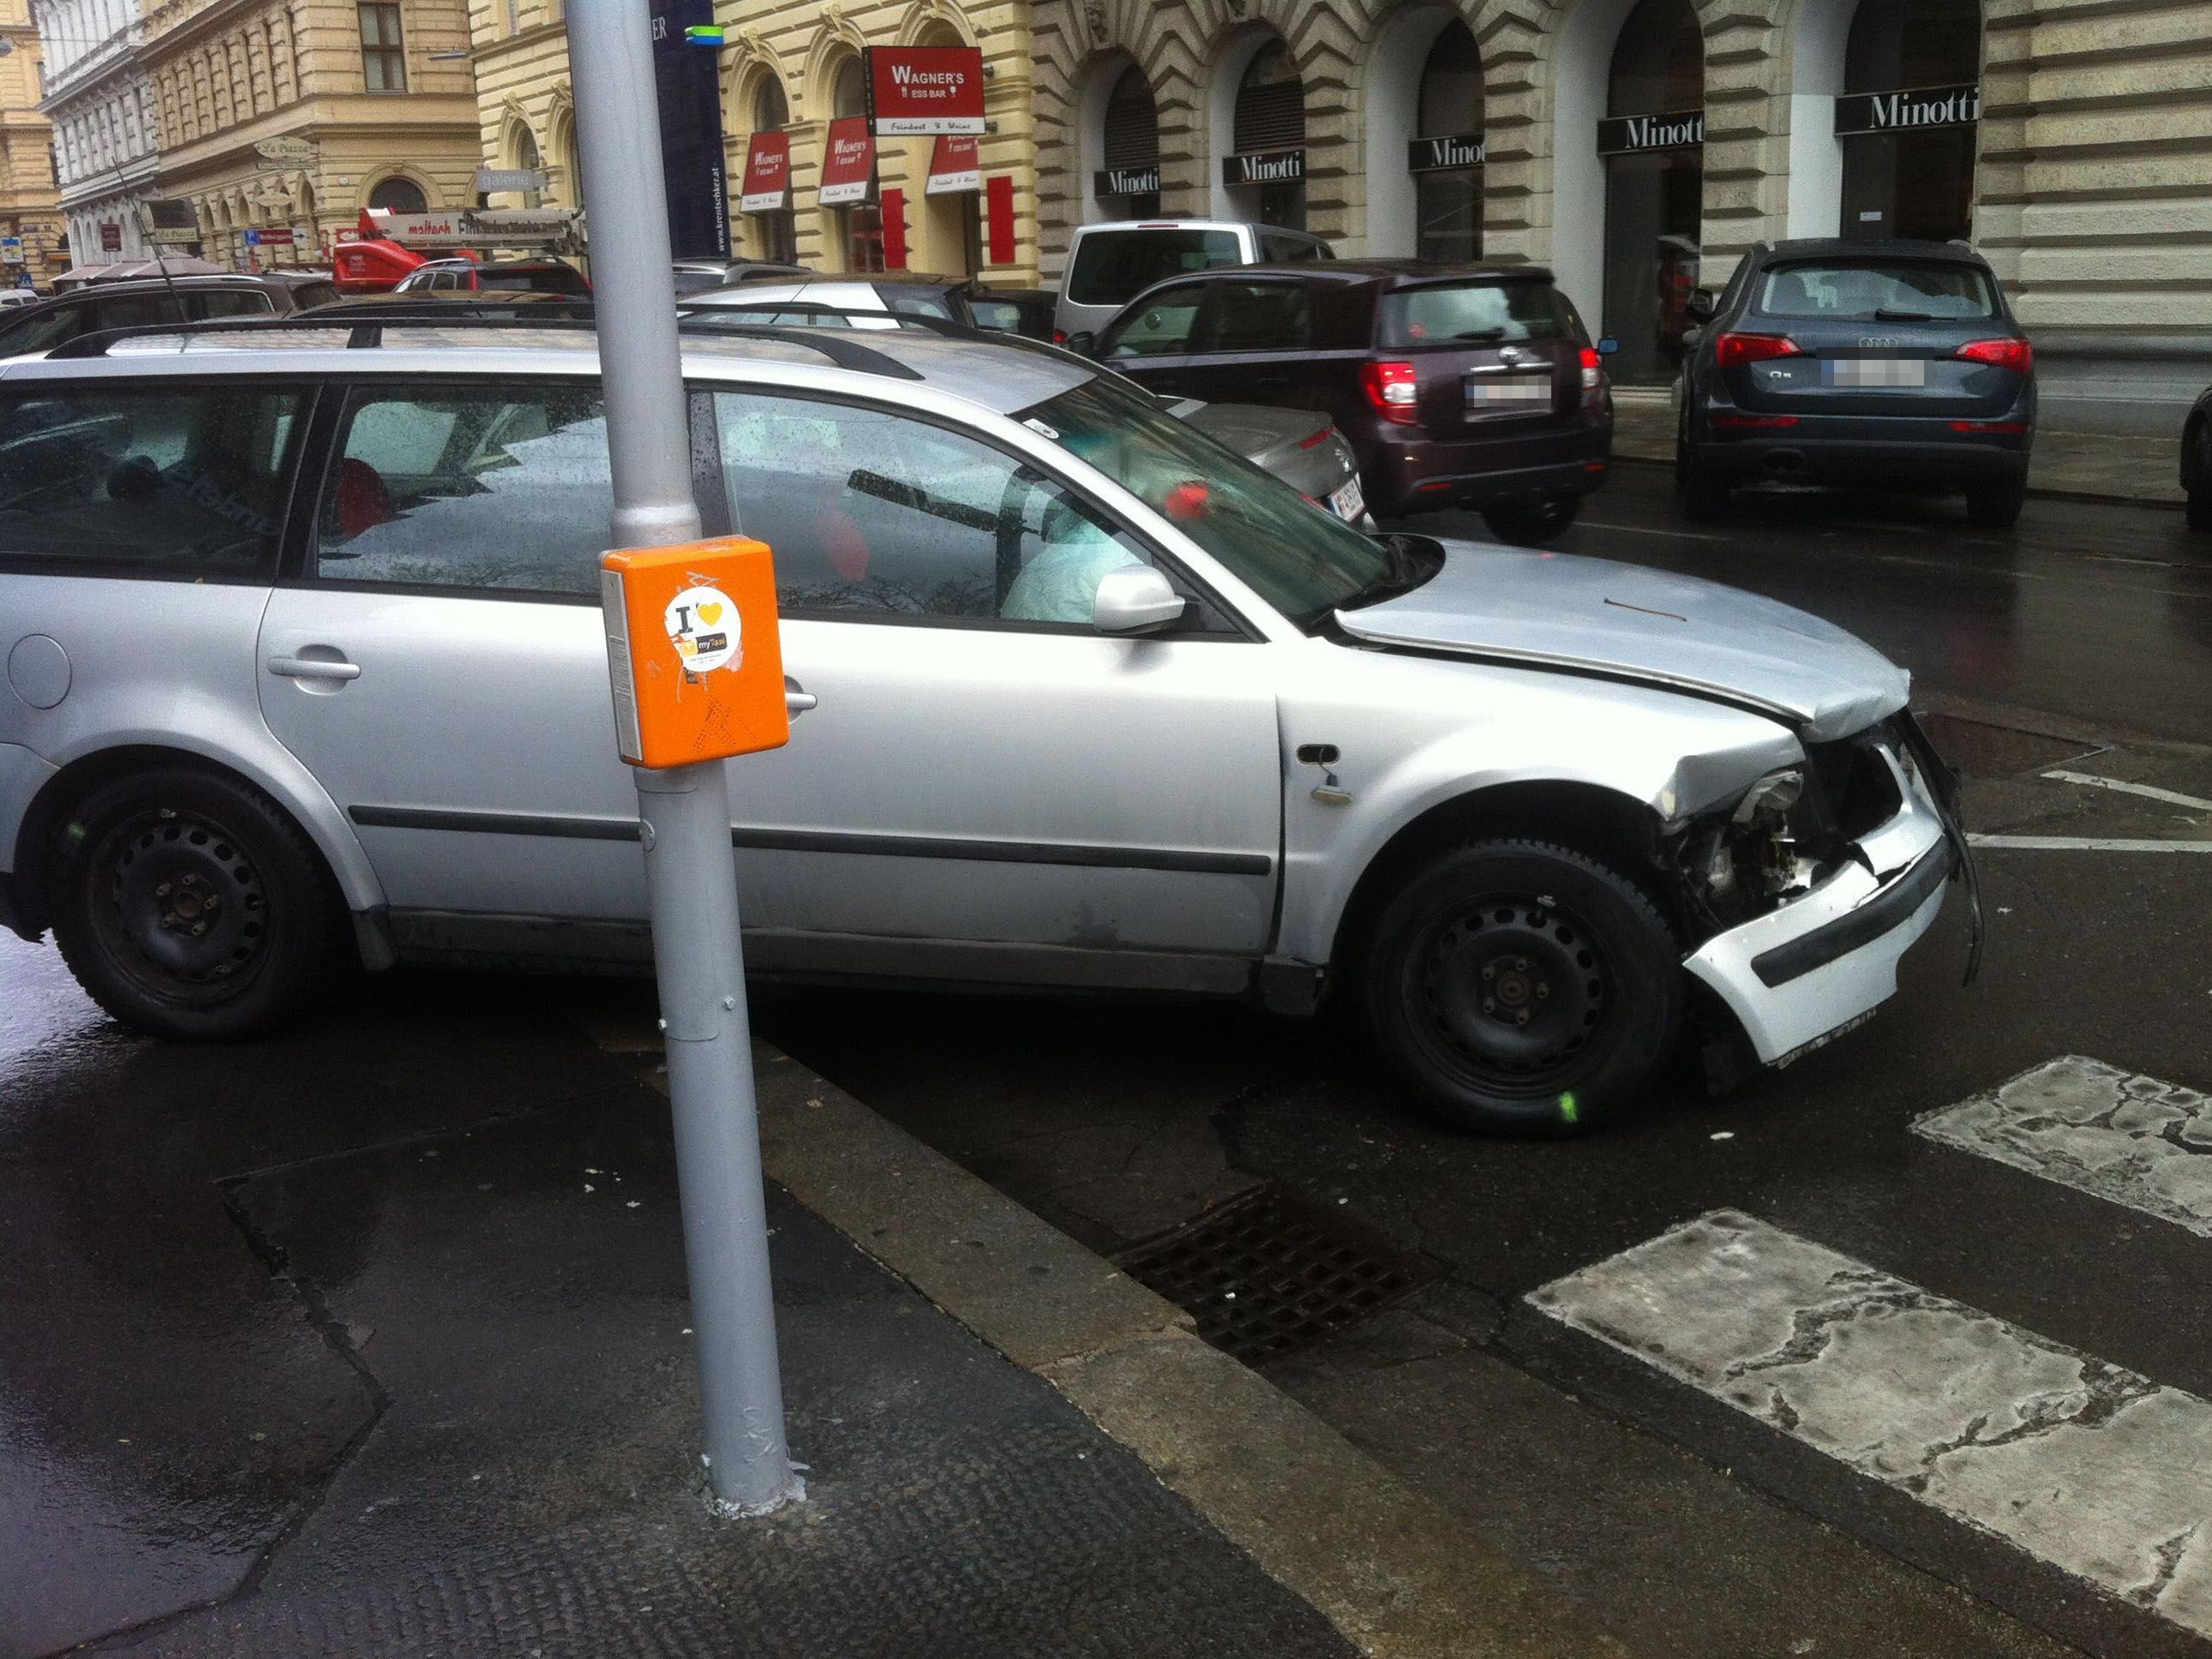 Unfall am Ring: Ein Auto krachte beim Abbiegen in eine Straßenbahn der Linie 2.